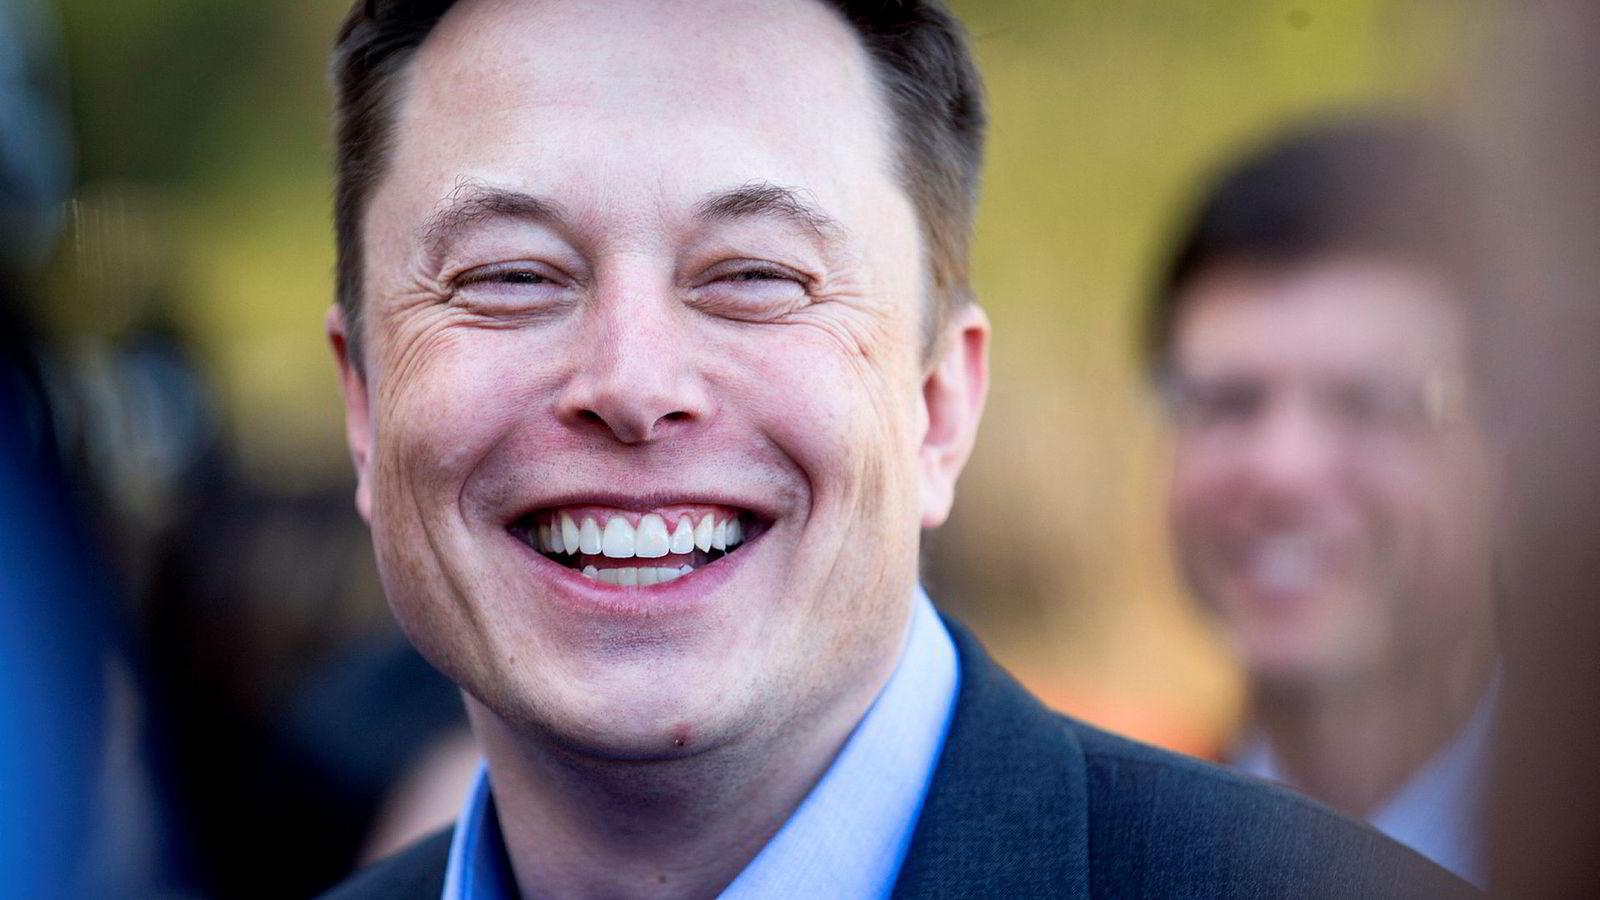 Tesla-sjef Elon Musks nettoformue er nå på 23,2 milliarder dollar etter mandagens kurshopp, ifølge Bloomberg.